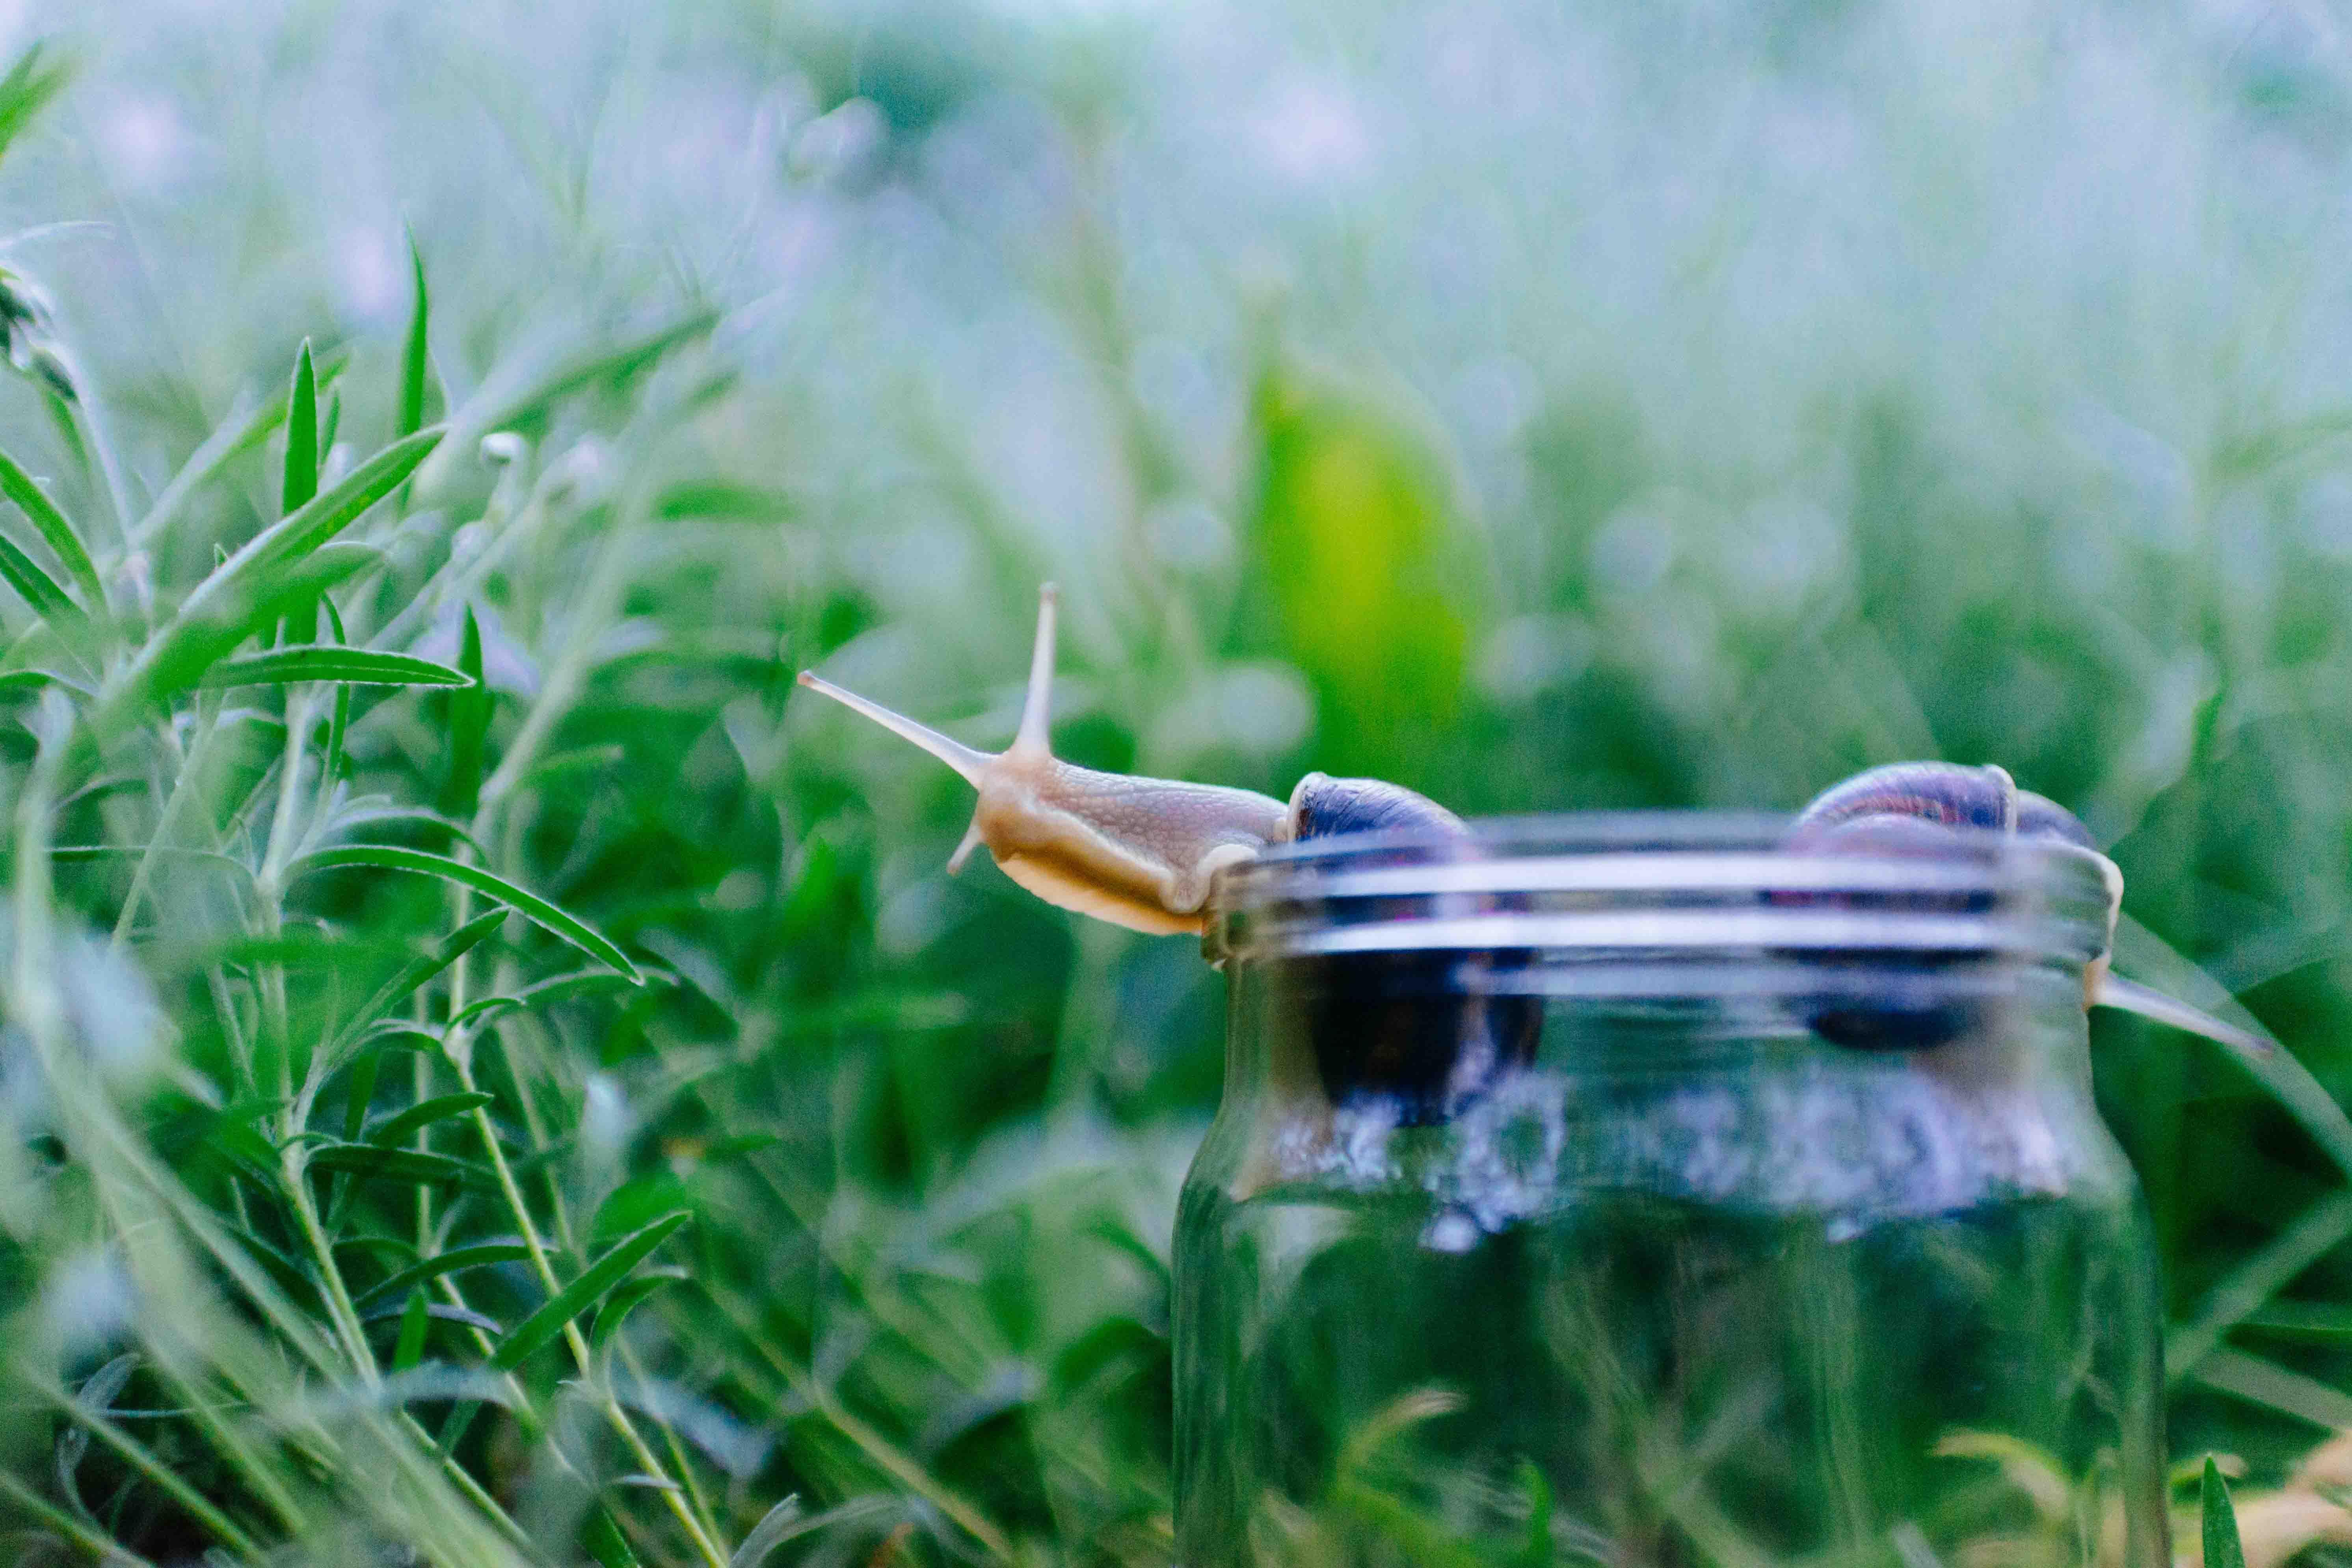 Petit escargot s'échappant d'un bocal